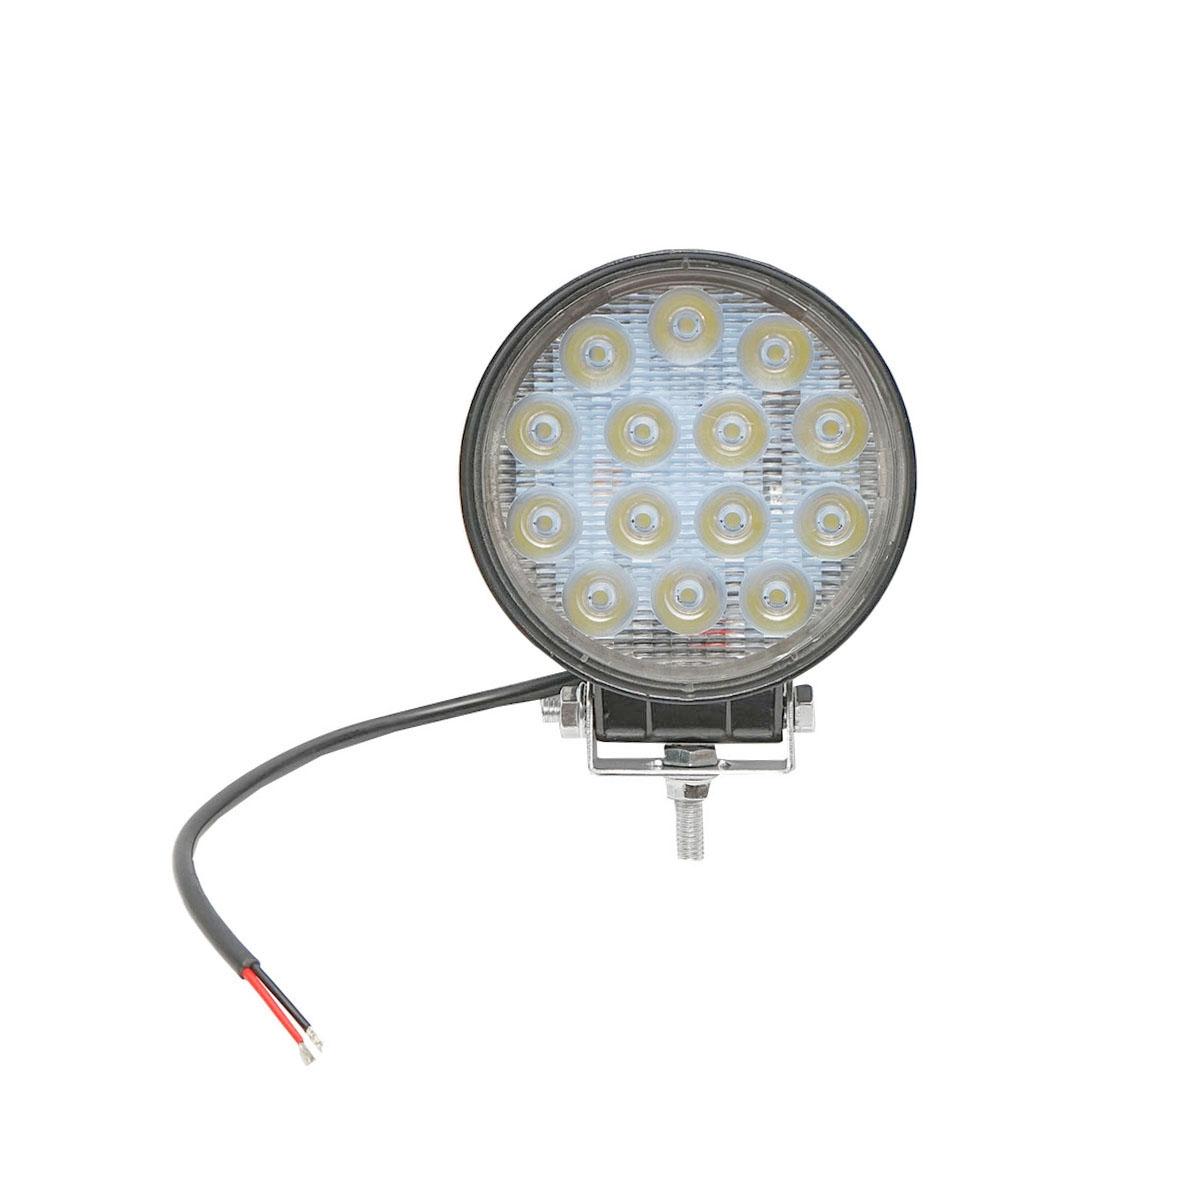 Lampa 14 LED-uri 10-30V 42W unghi de radiere 60 rotund